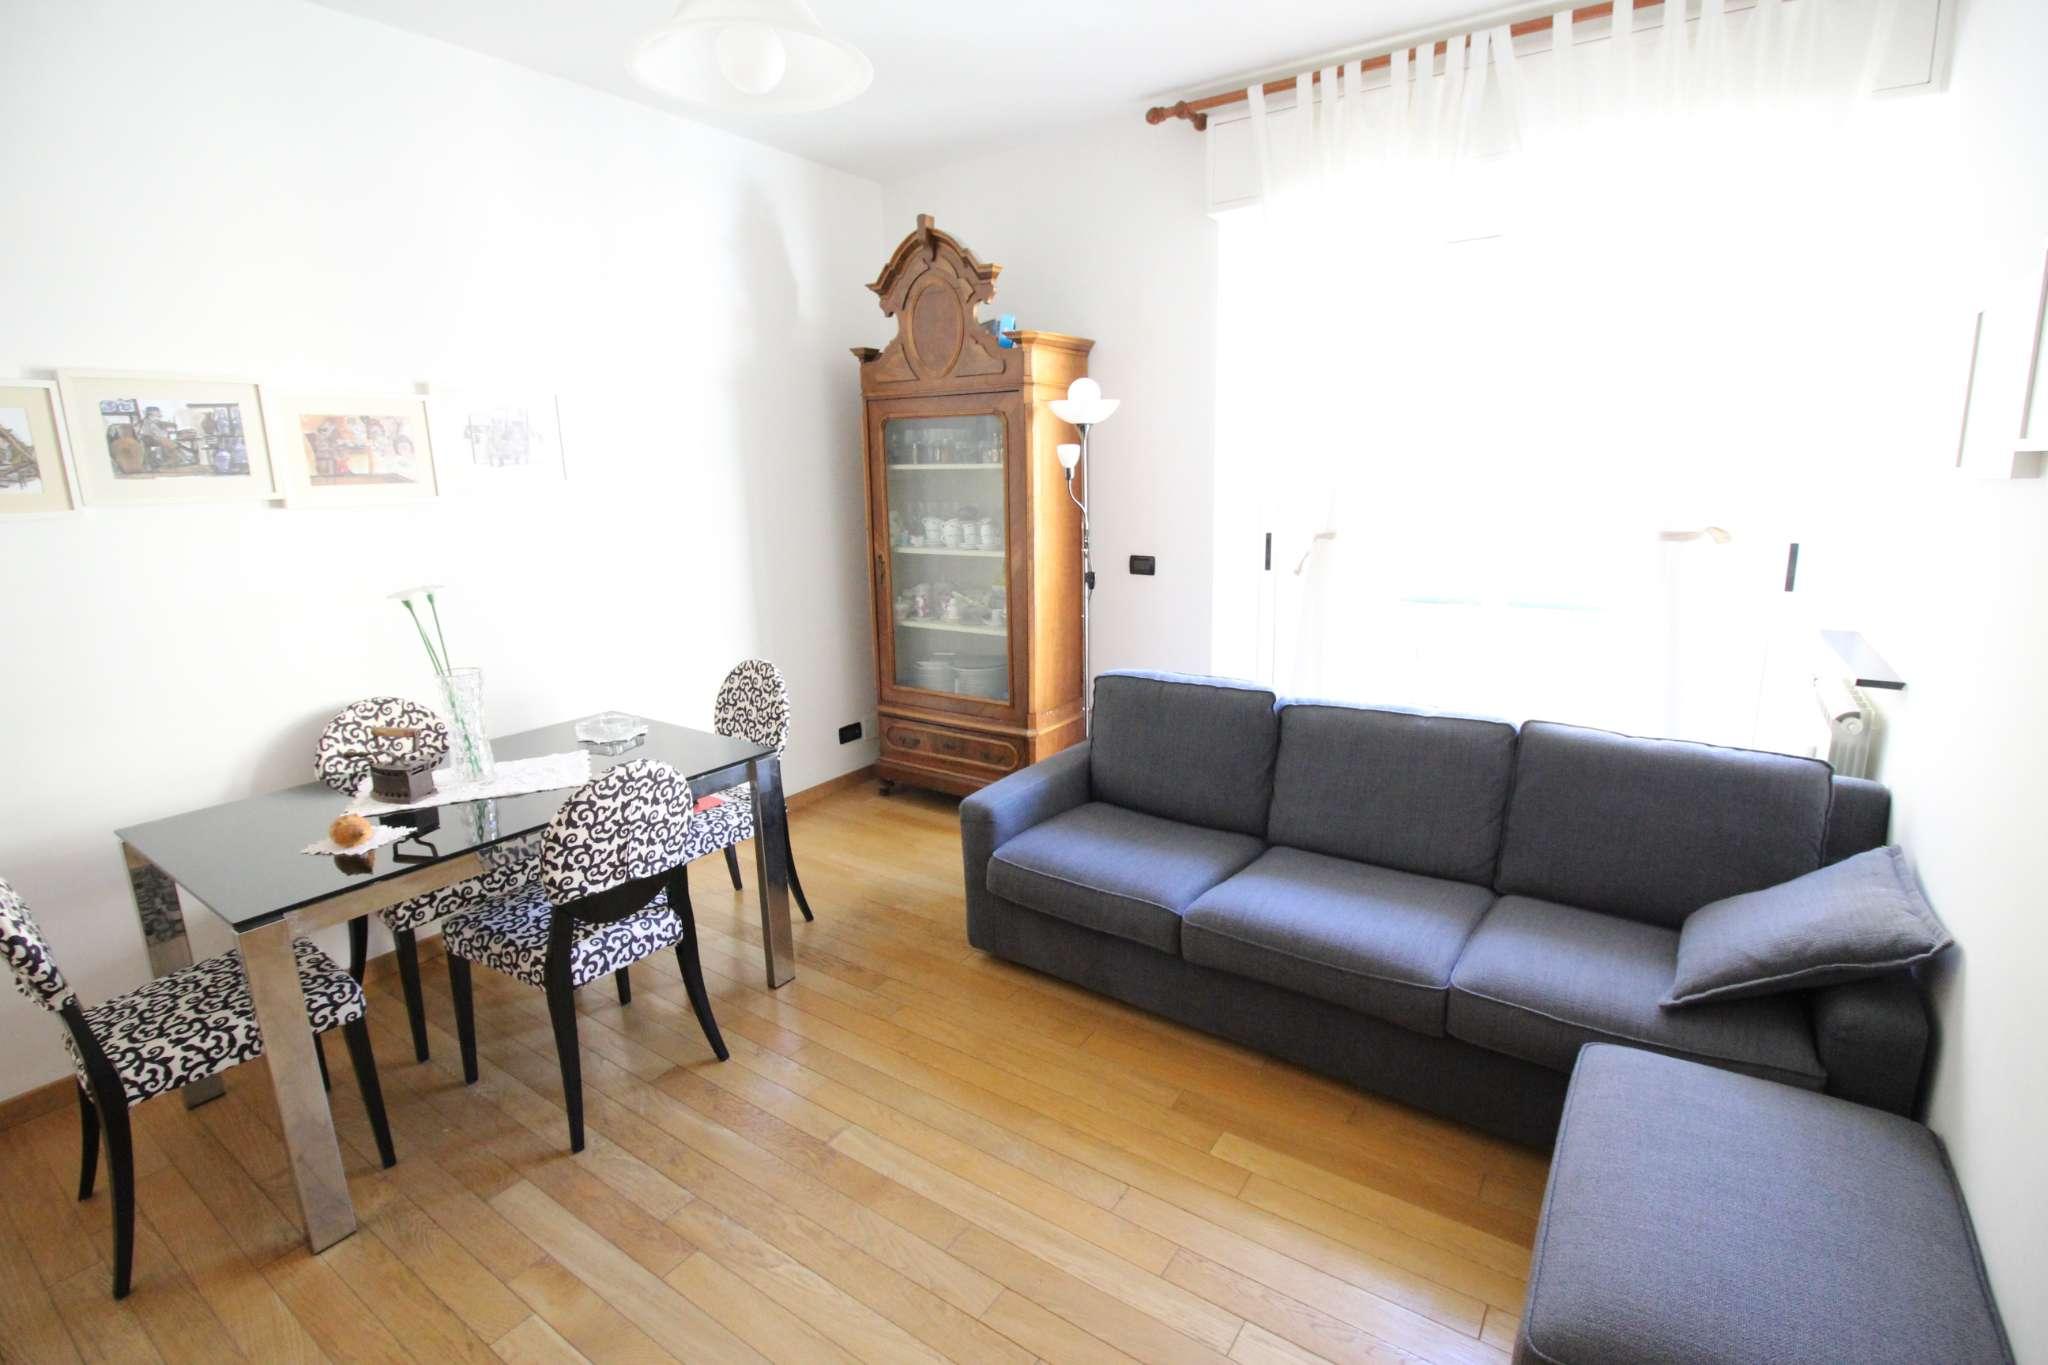 Appartamento in vendita a Sori, 3 locali, prezzo € 210.000 | PortaleAgenzieImmobiliari.it